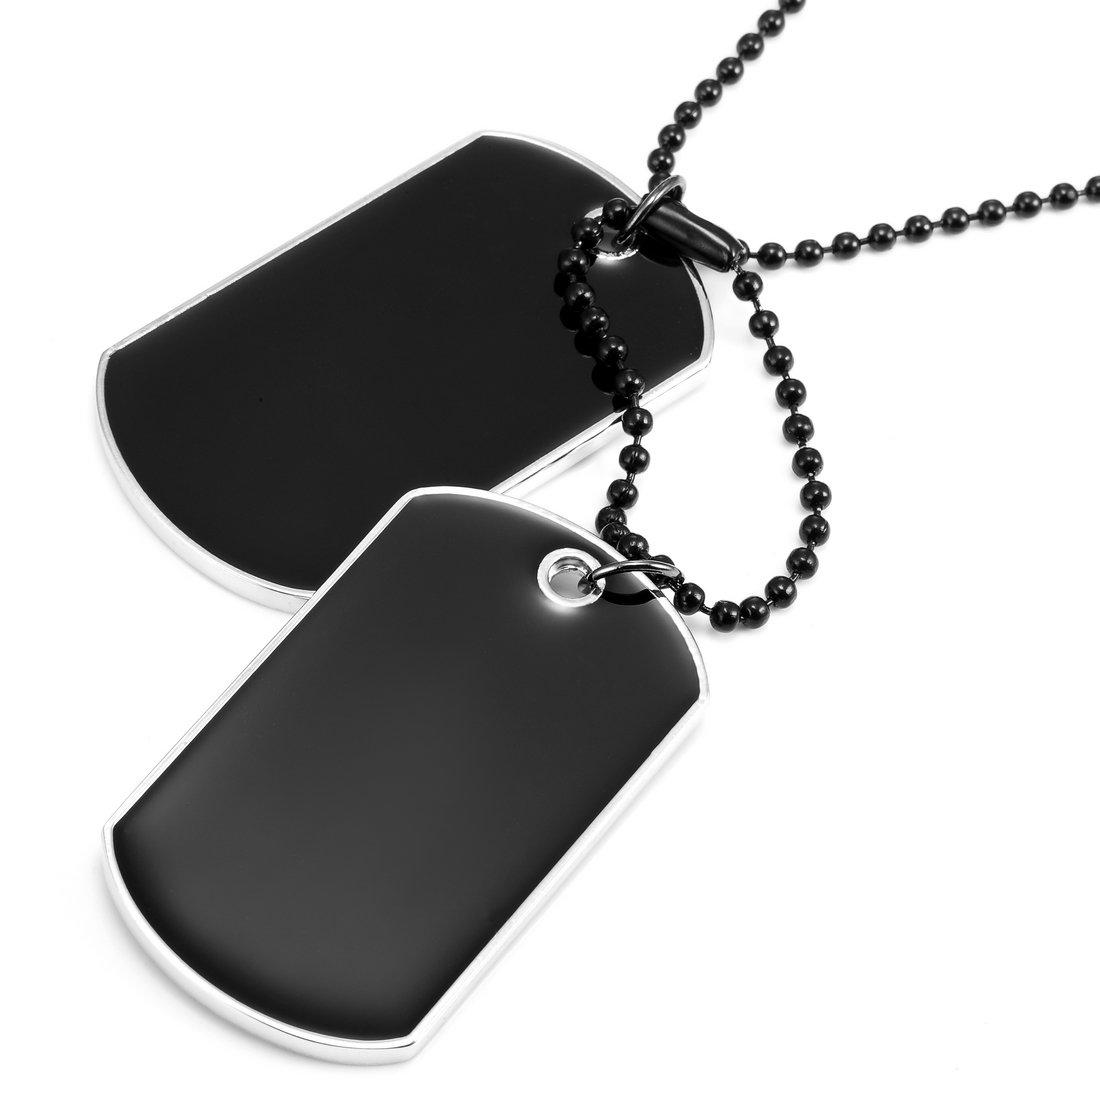 Collier viril pour hommes style armée pendentif double dog tag, chaîne biker noire 68 cm ajustable (noir, argent) Urban-Jewelry AC1238 U